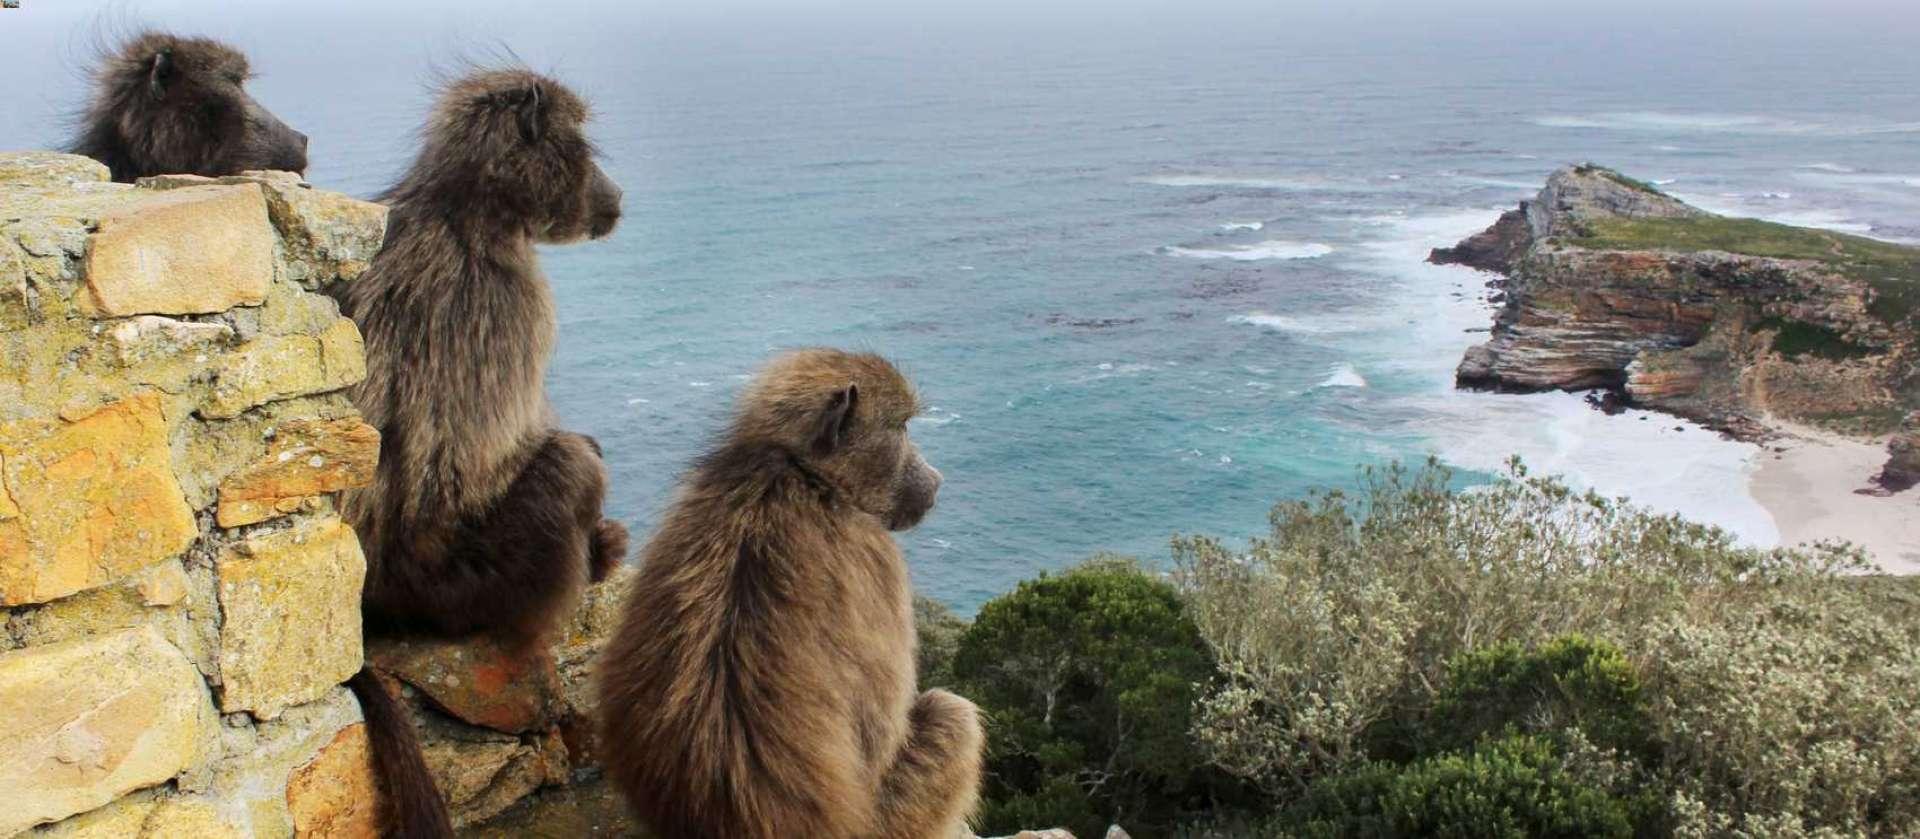 Cape Point - Africa Wildlife Safaris